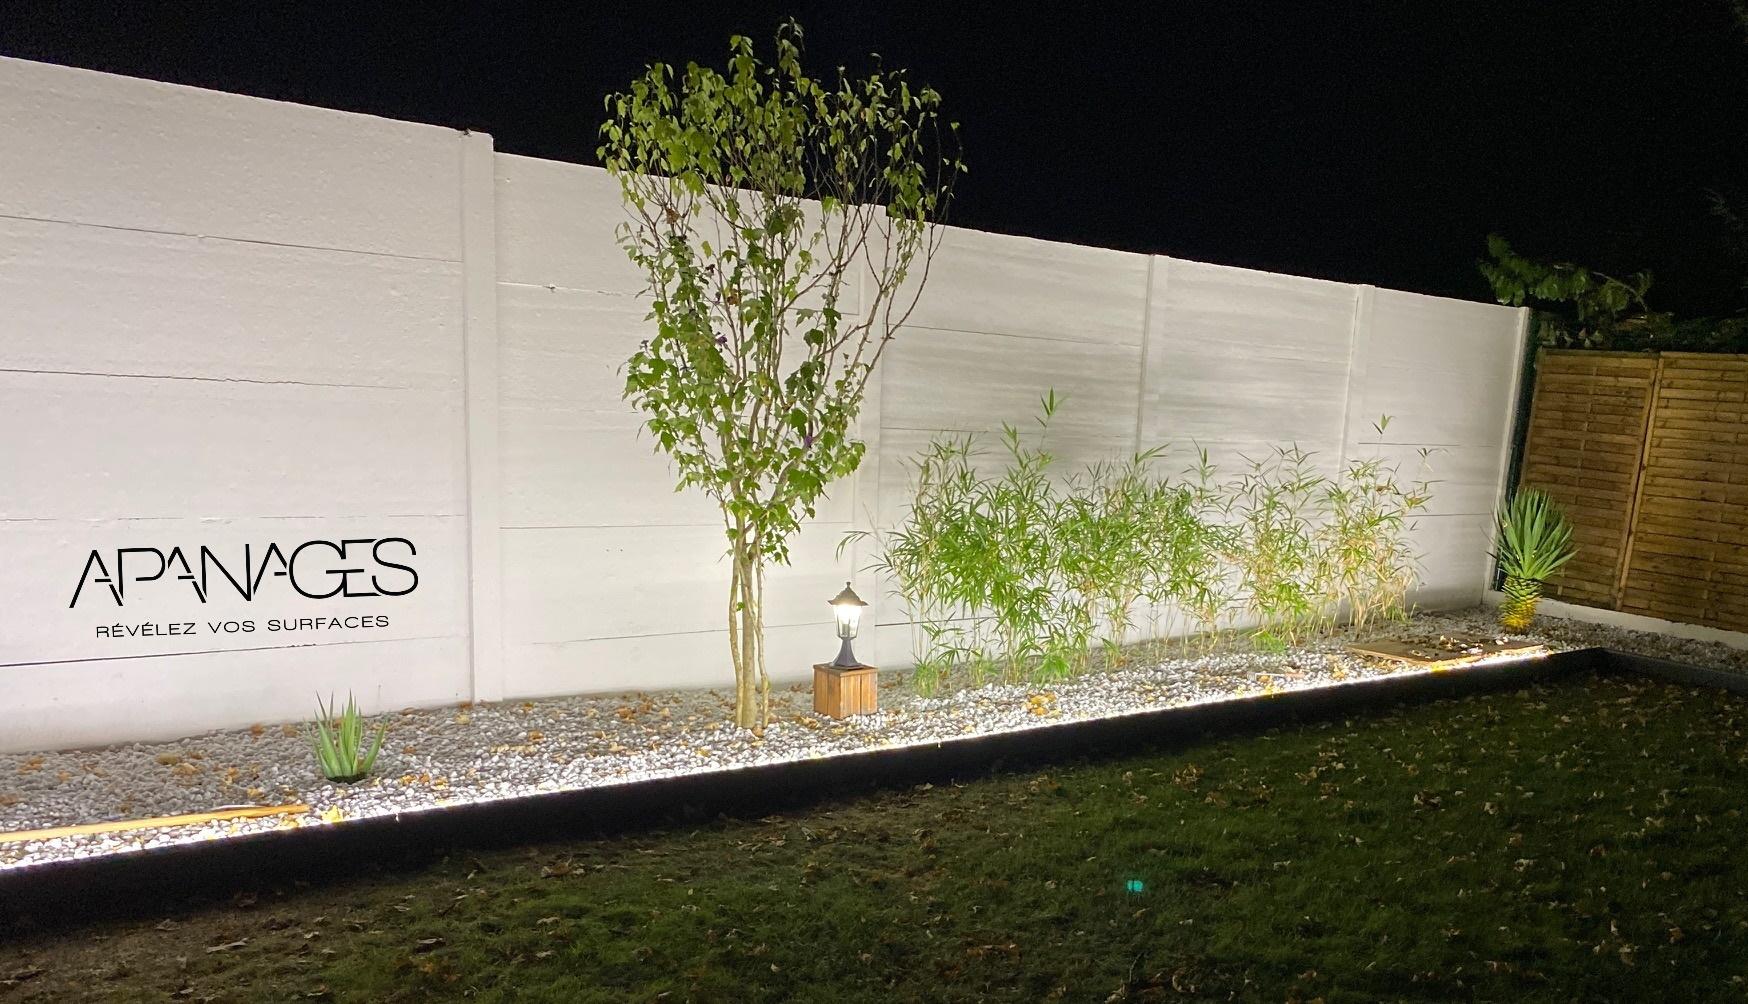 bordure-volige-jardin-massif-bande-propreté-ruban-led-étanche-éclairage-plaque-béton-rétro-éclairage